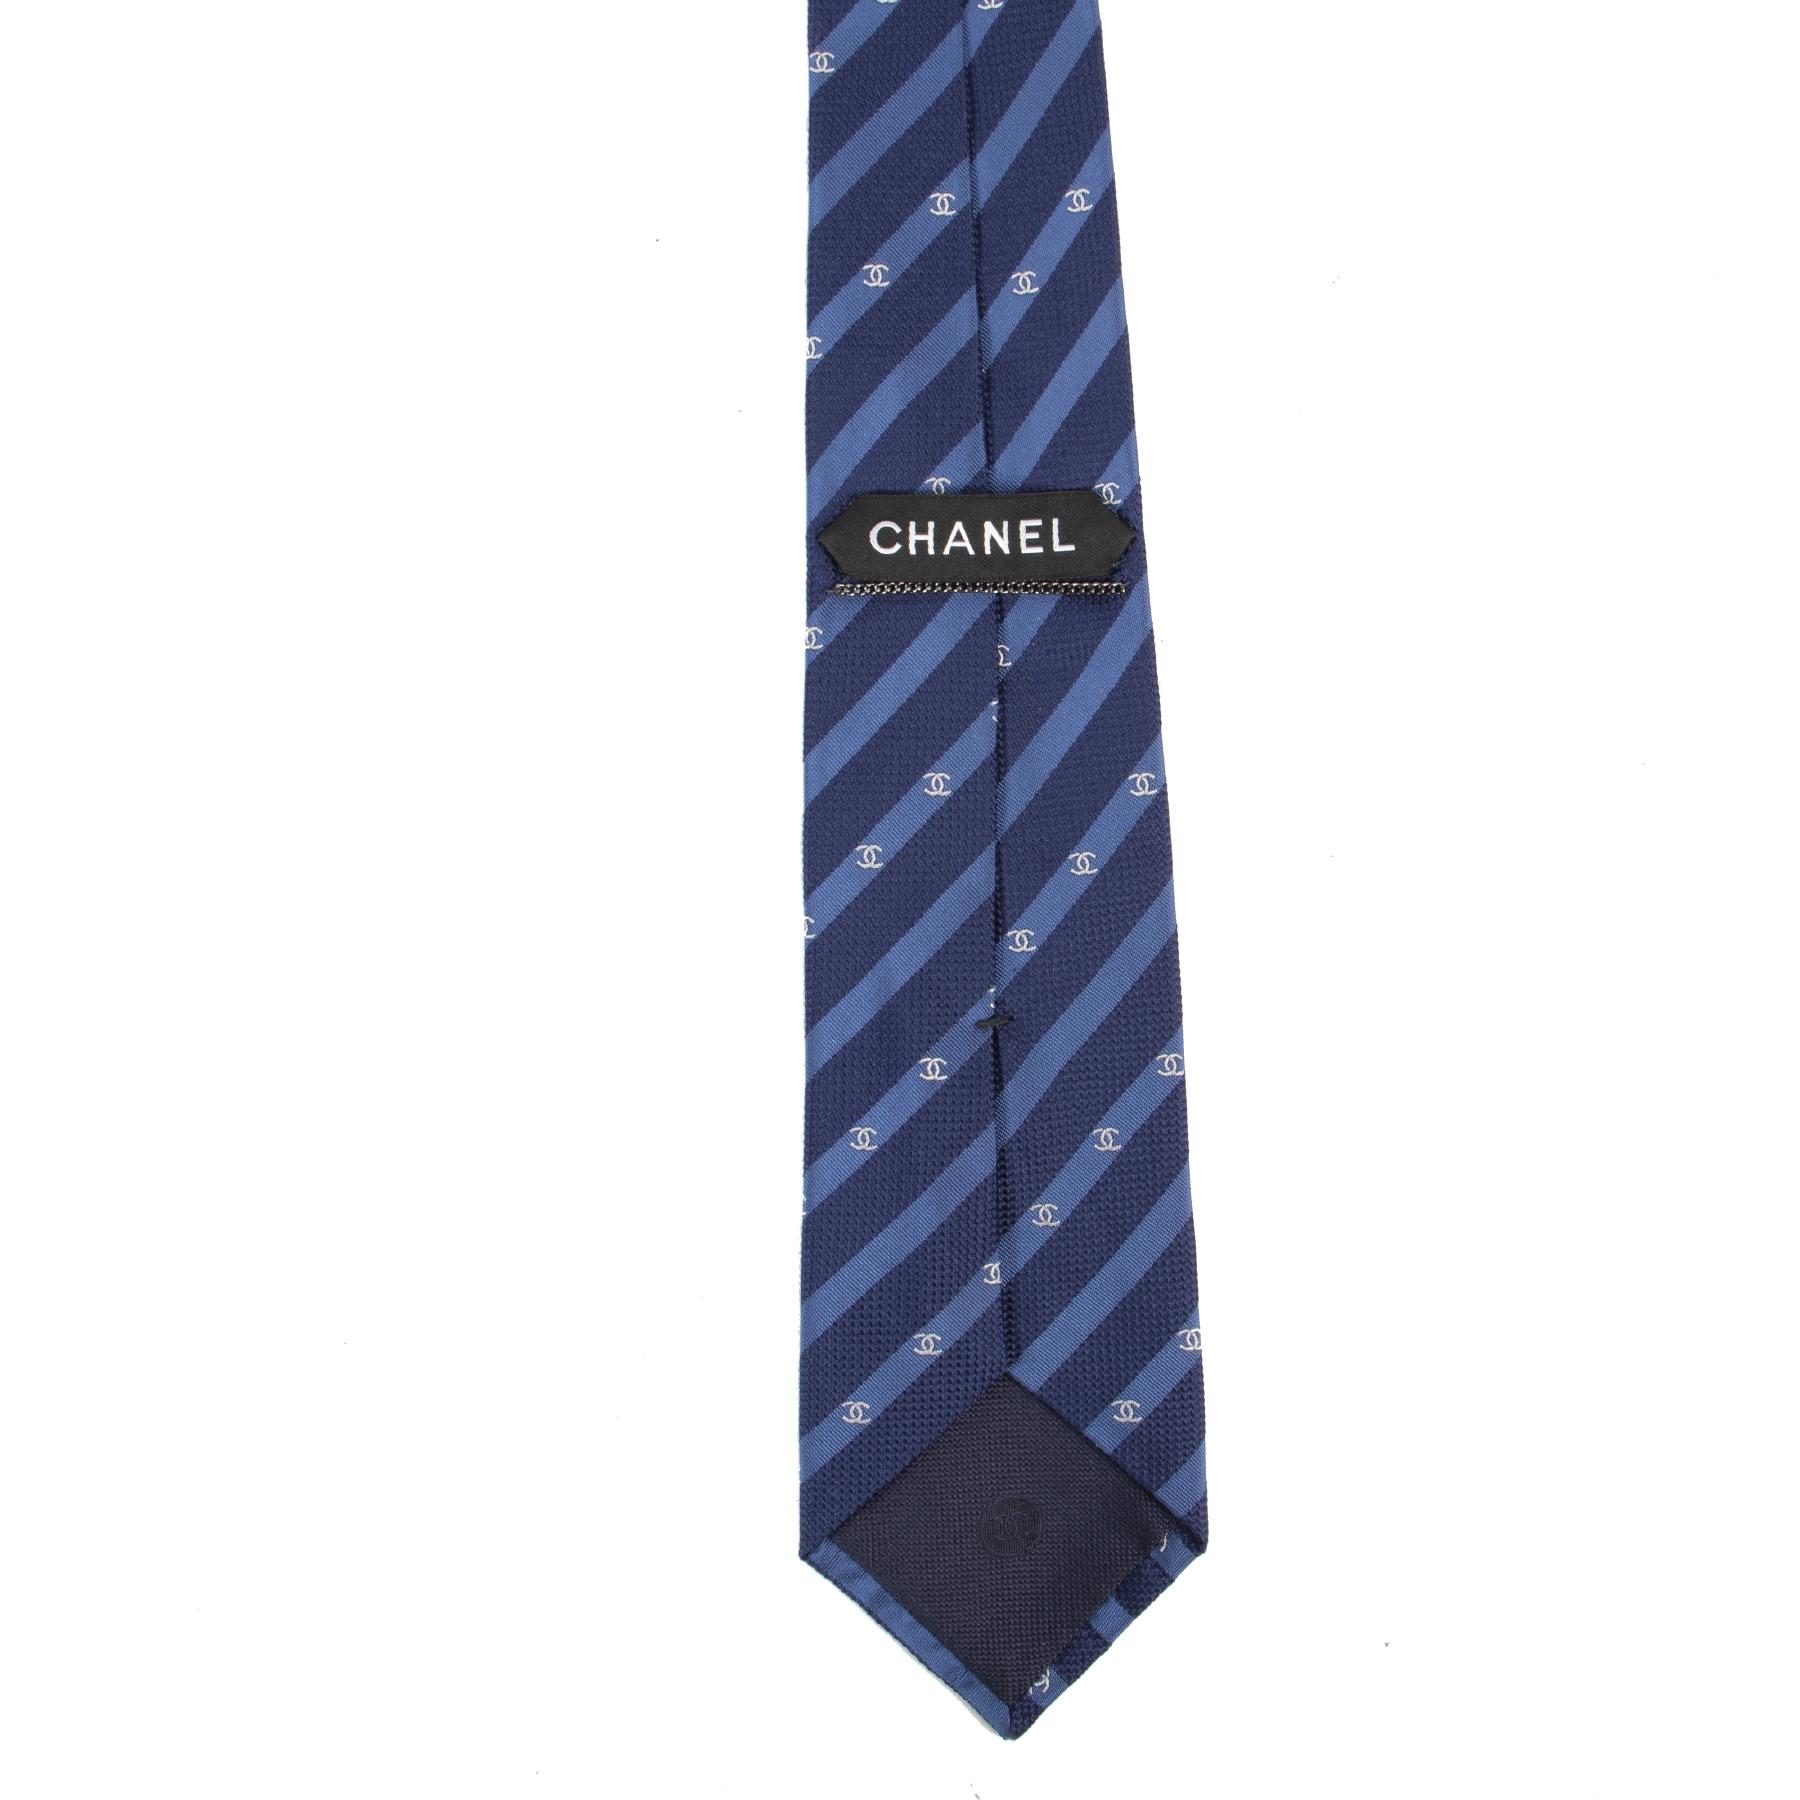 Authentieke Tweedehands Chanel Blue Logo Tie juiste prijs veilig online shoppen luxe merken webshop winkelen Antwerpen België mode fashion